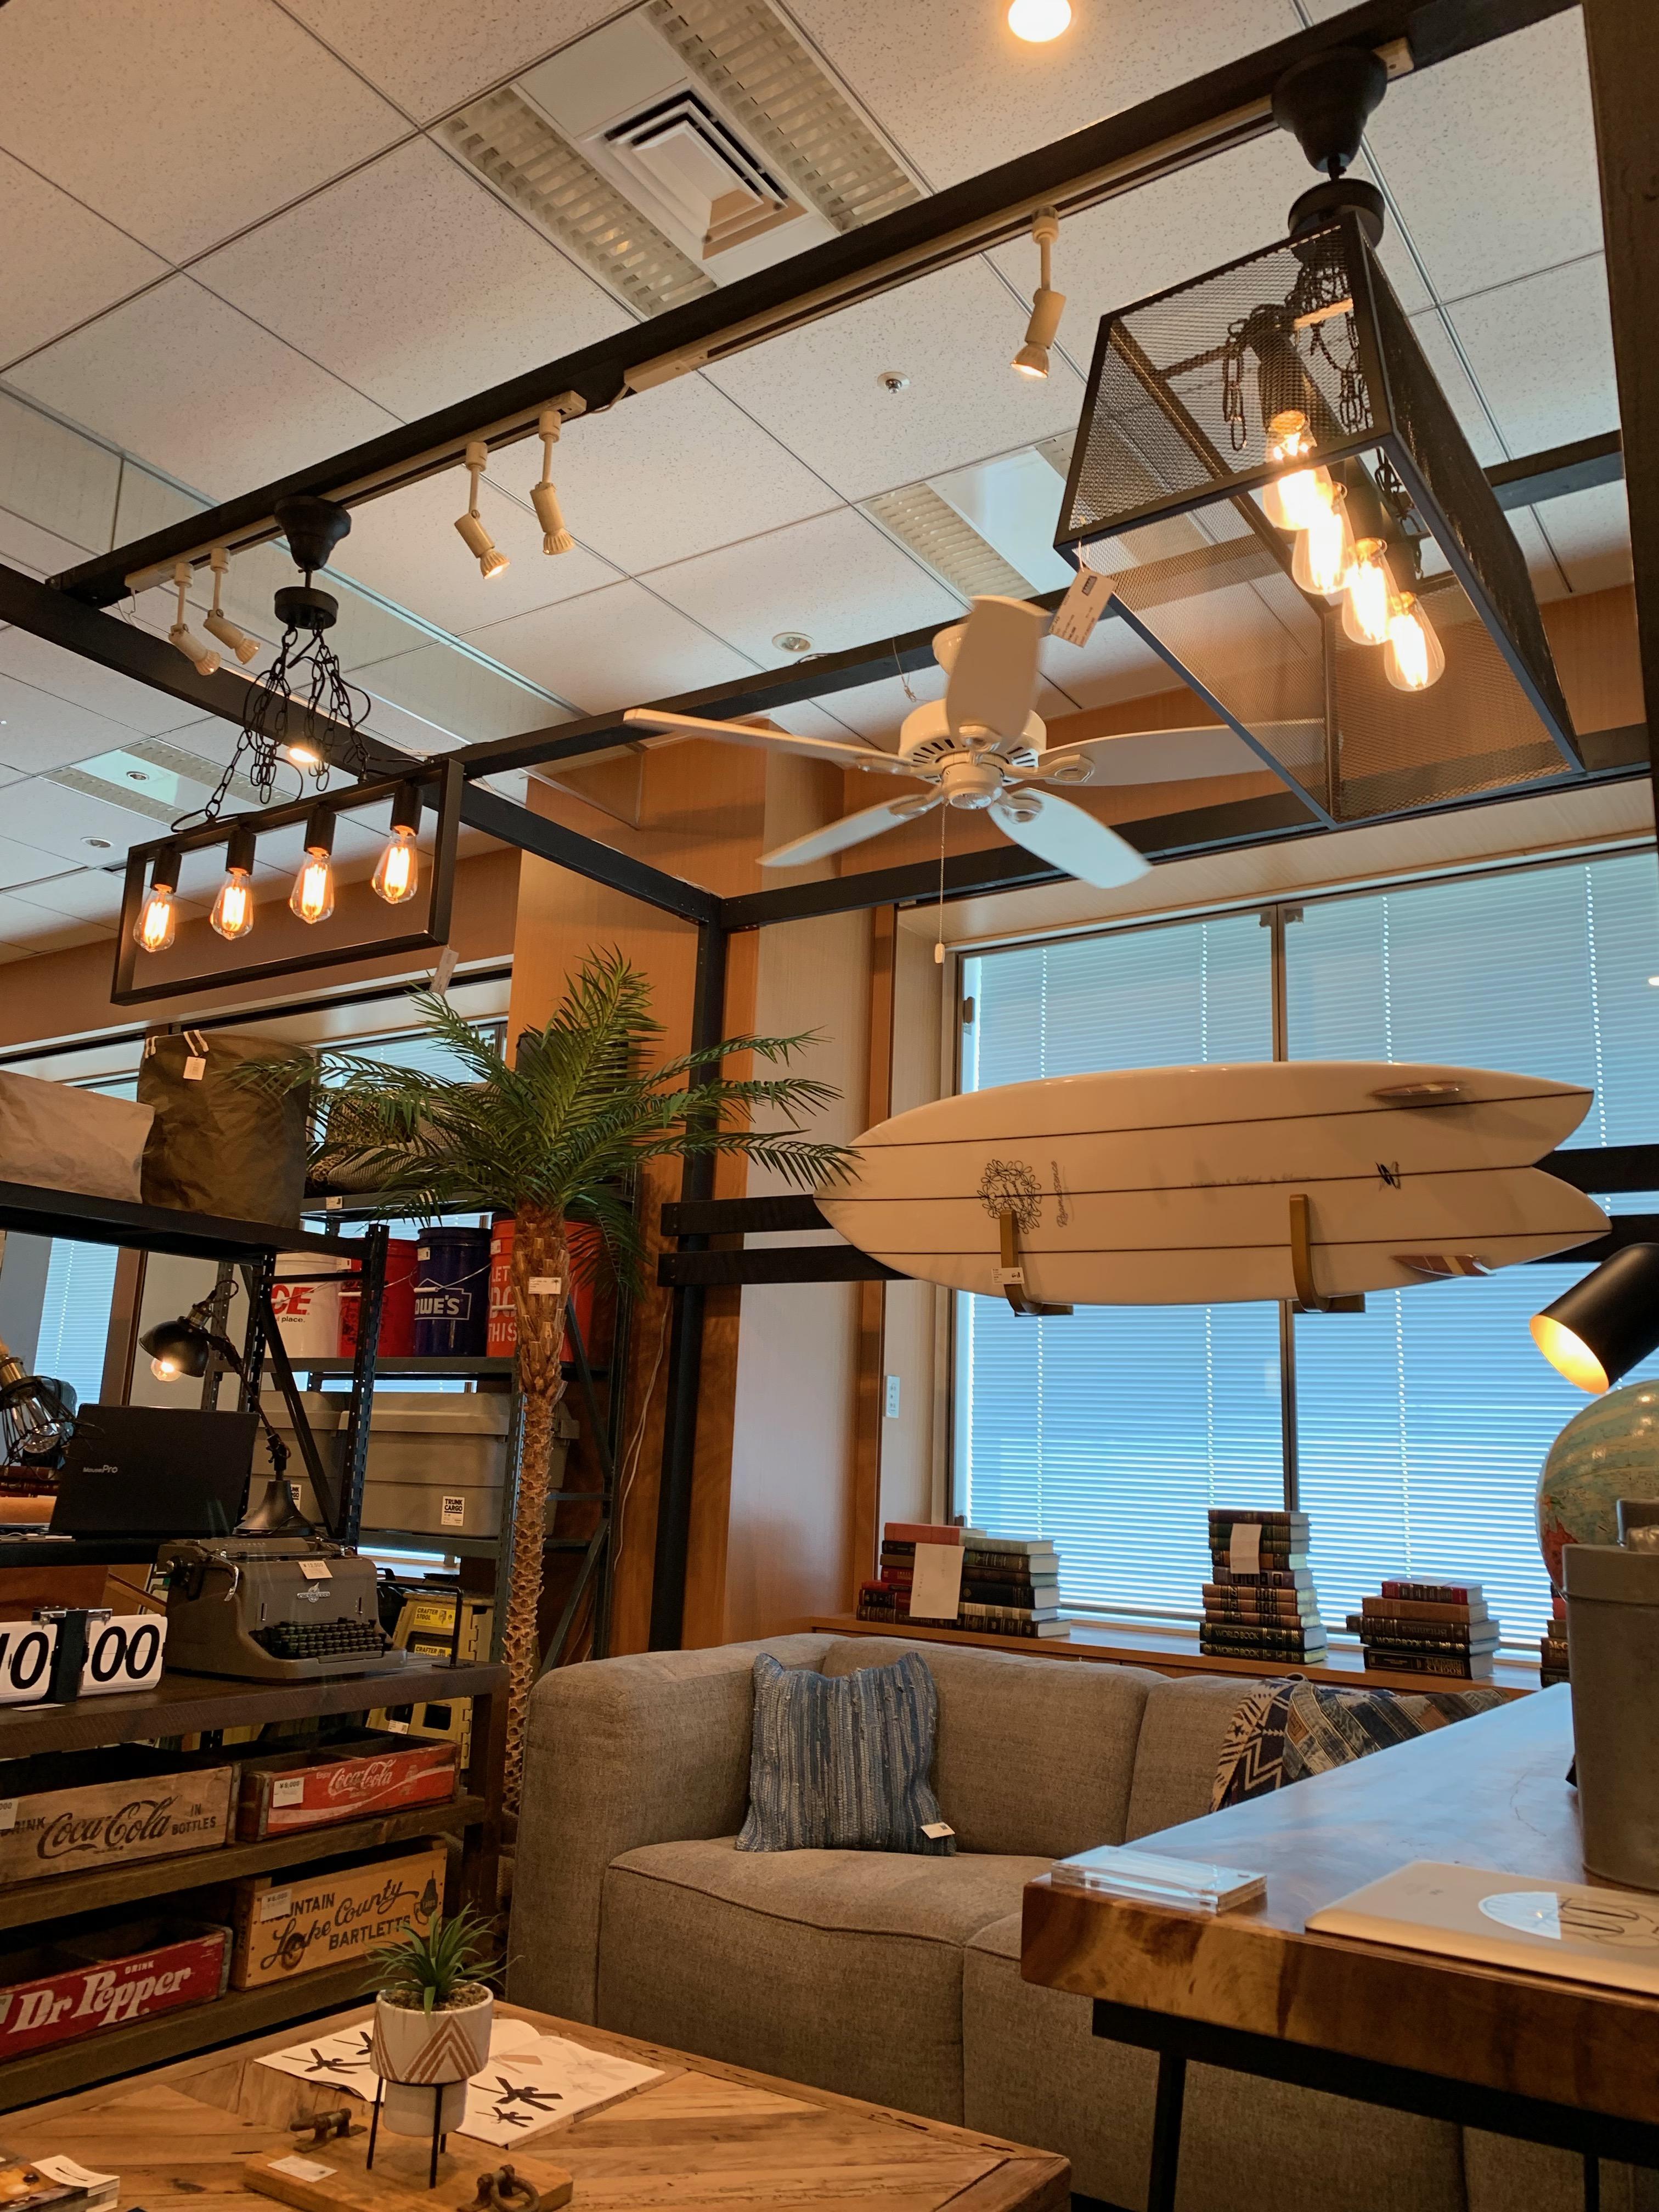 53240 ビルダーエリート スノーホワイト ハンター カサブランカ  シーリングファン画像 正規輸入品販売ハンターストア